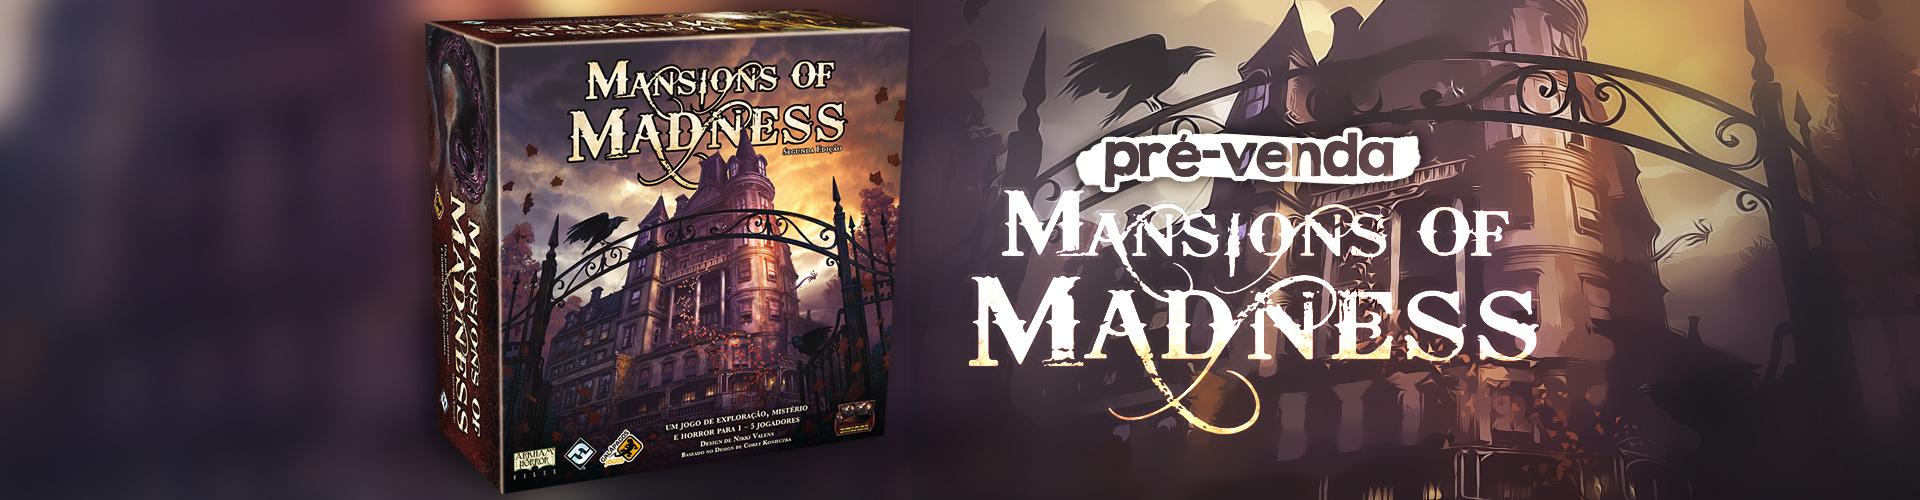 Pré-venda - Mansions of Madness